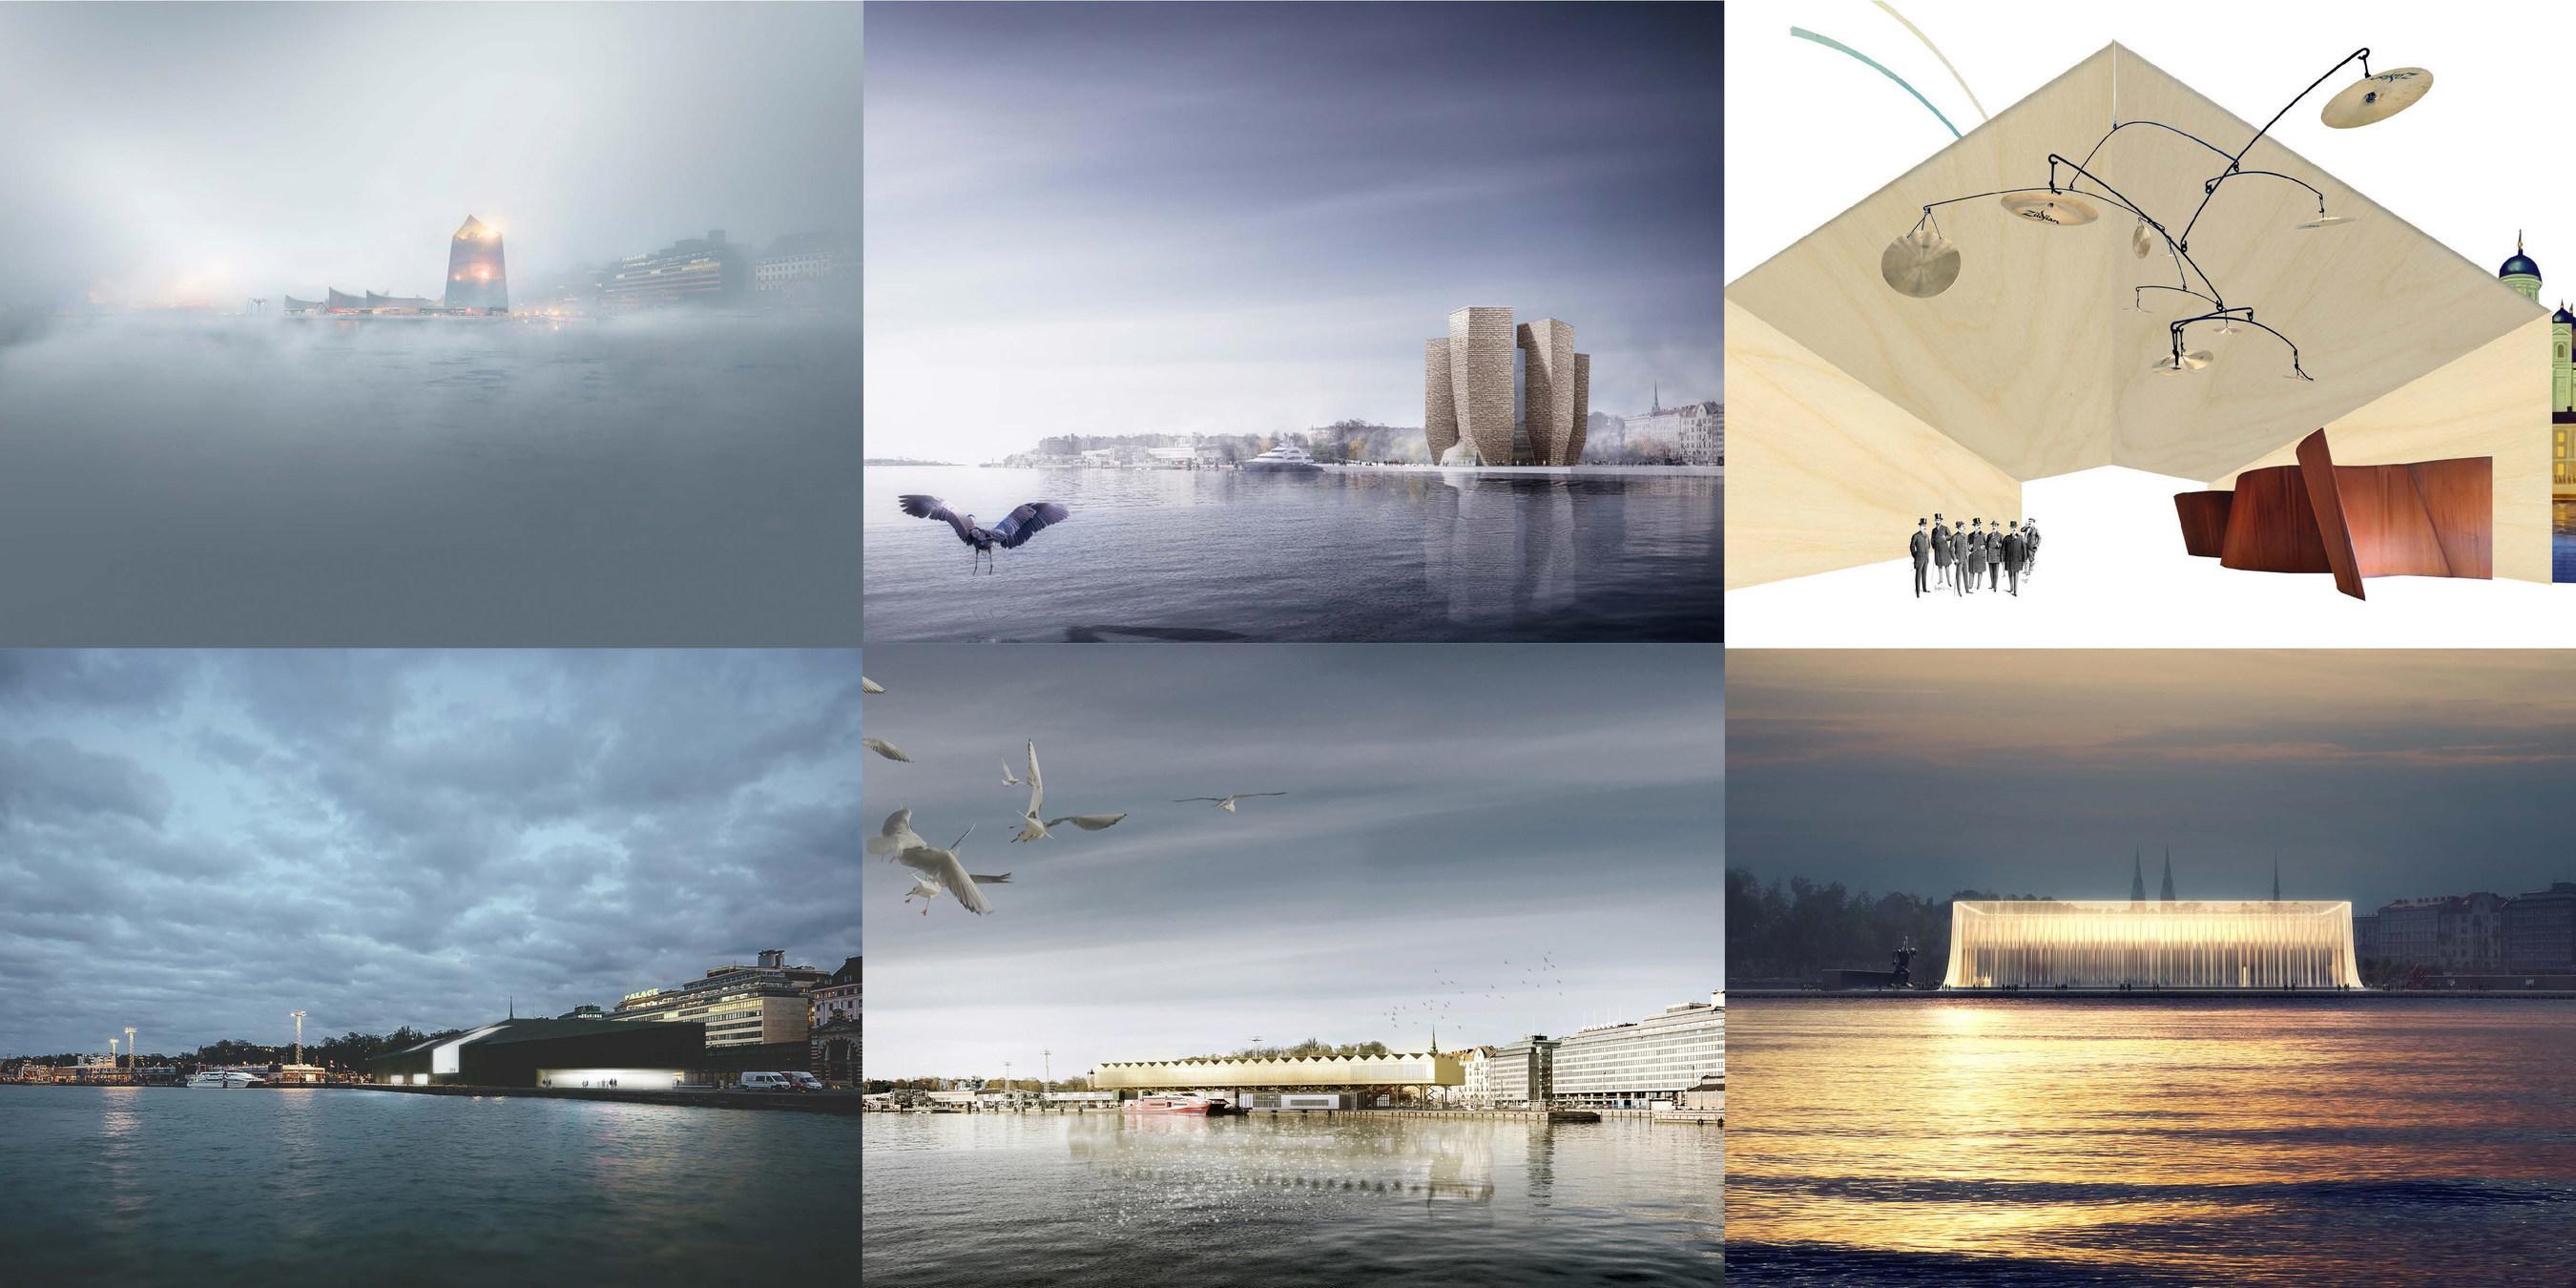 Обнародованы имена финалистов конкурса дизайн-проектов музея Гуггенхайма в Хельсинки